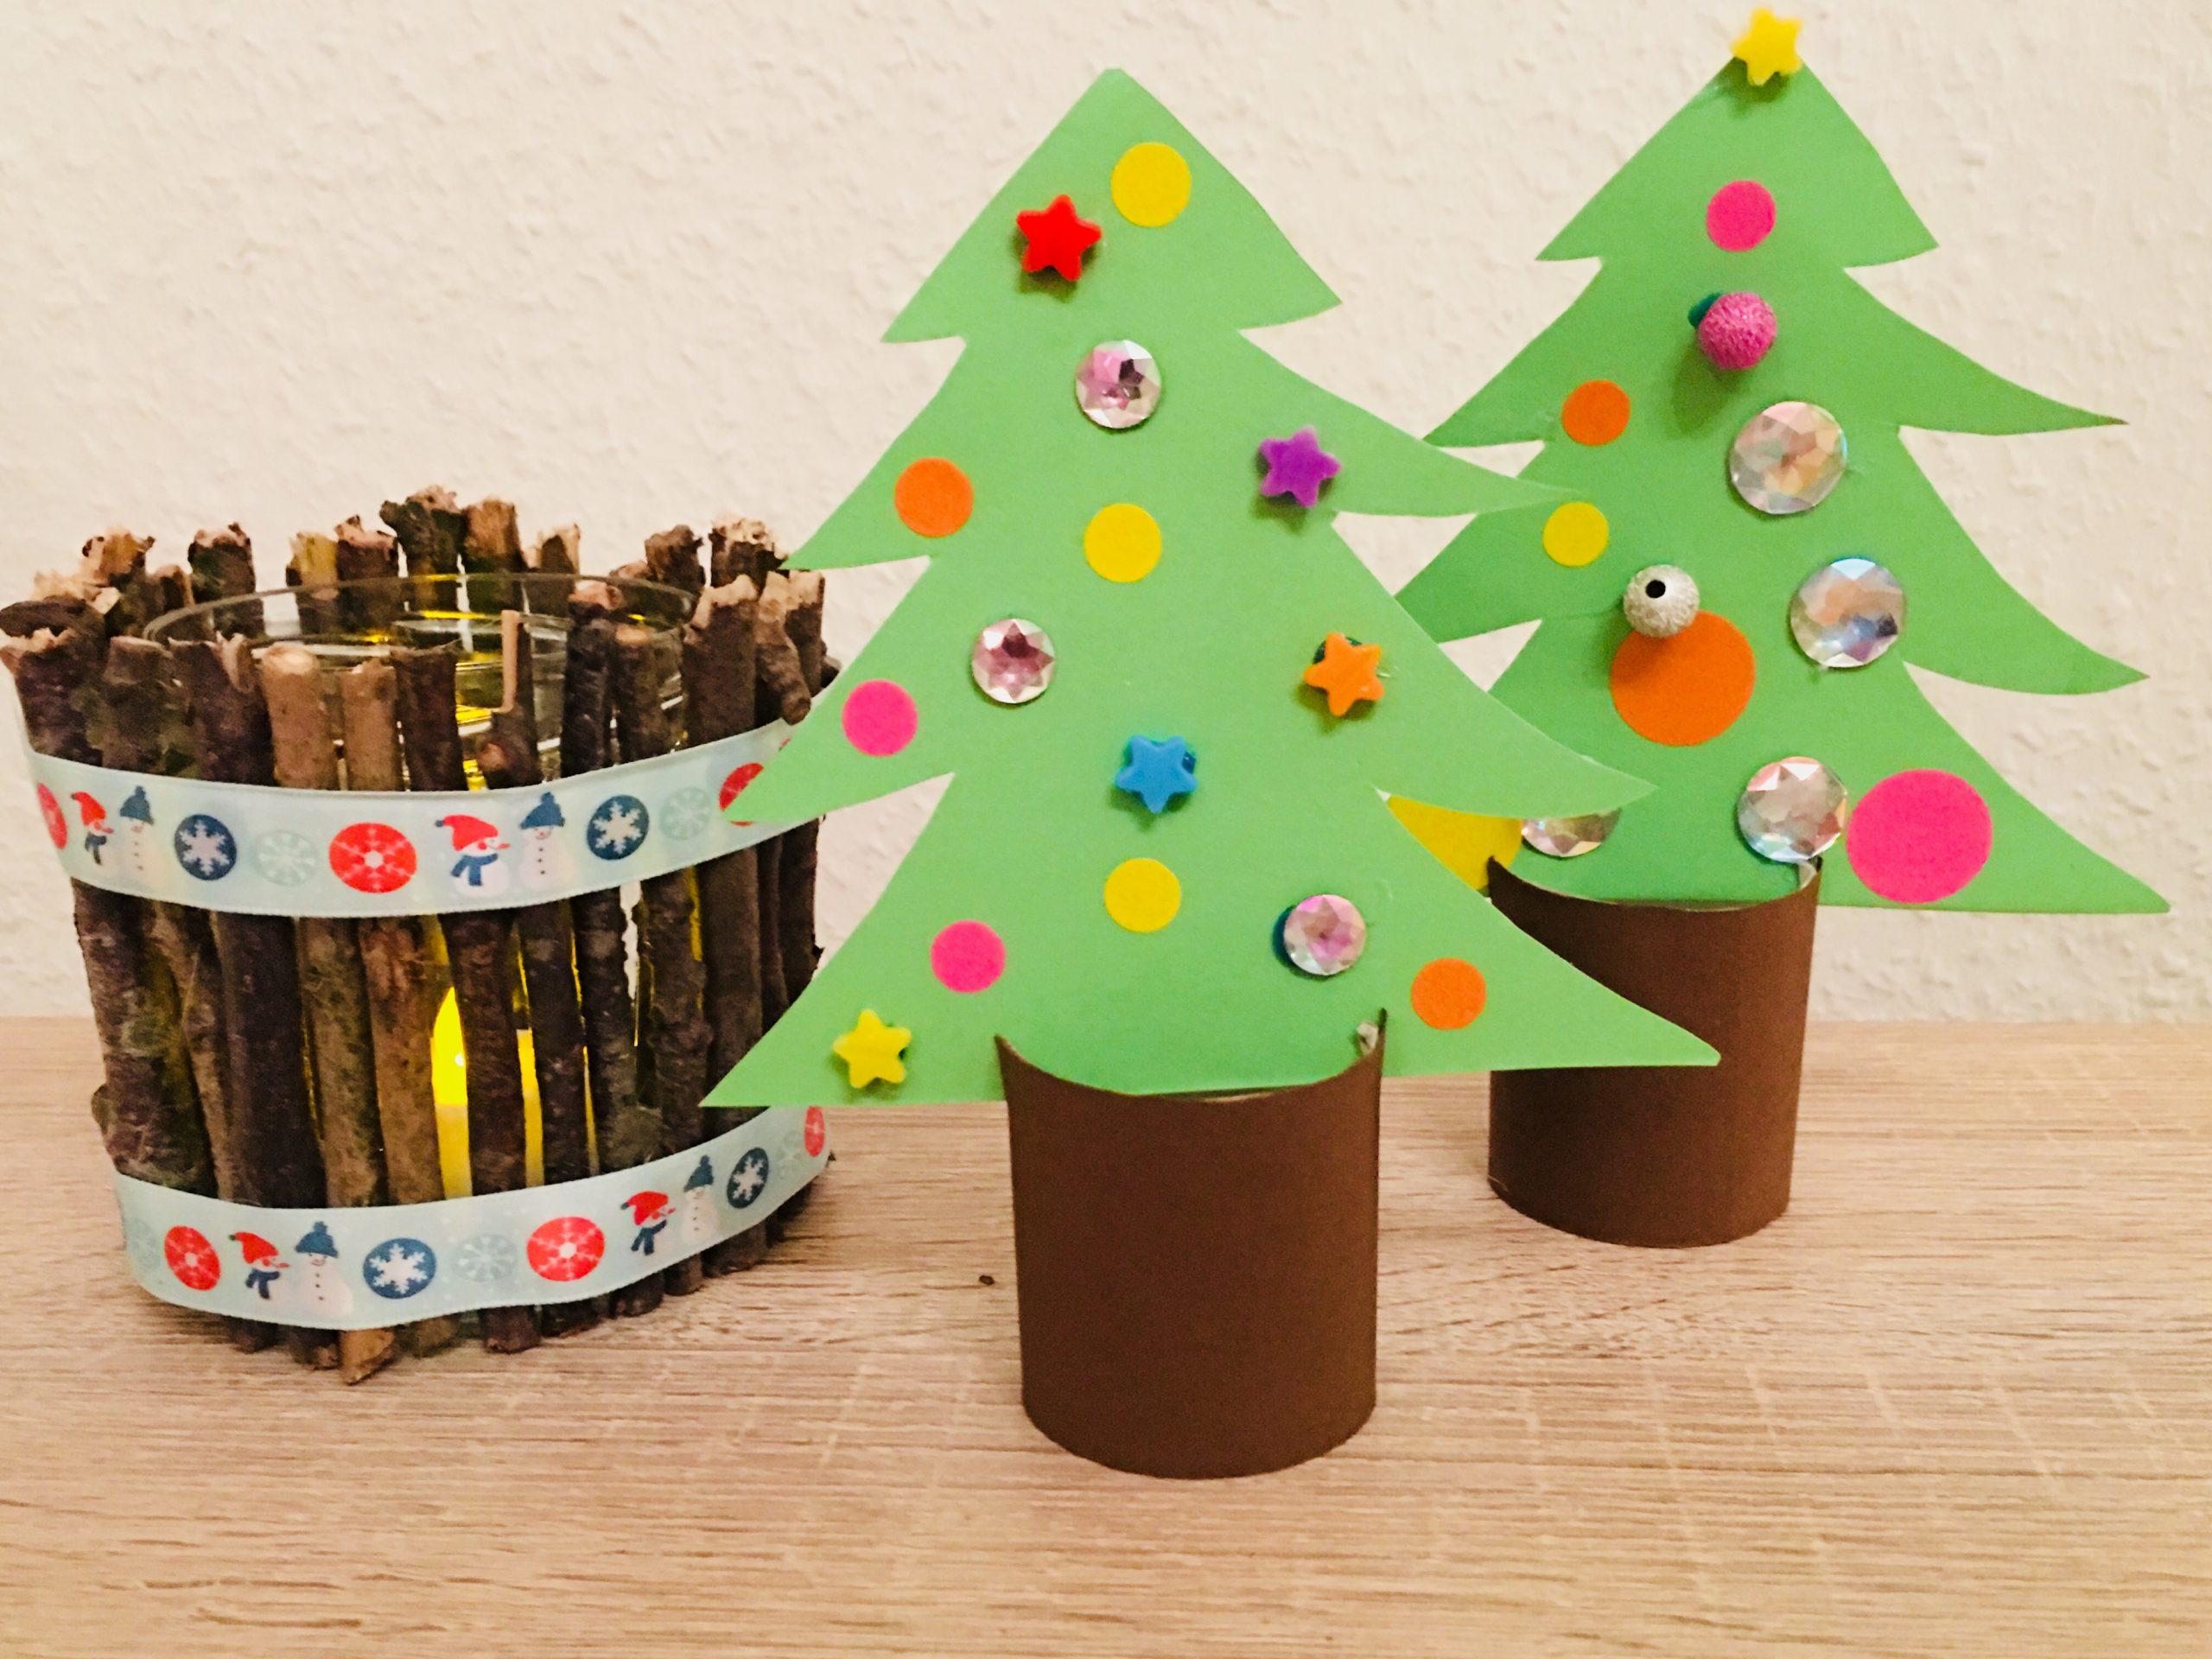 Weihnachtsbäume Aus Toilettenpapierrollen - Basteln Mit innen Weihnachtliche Bastelideen Für Kinder